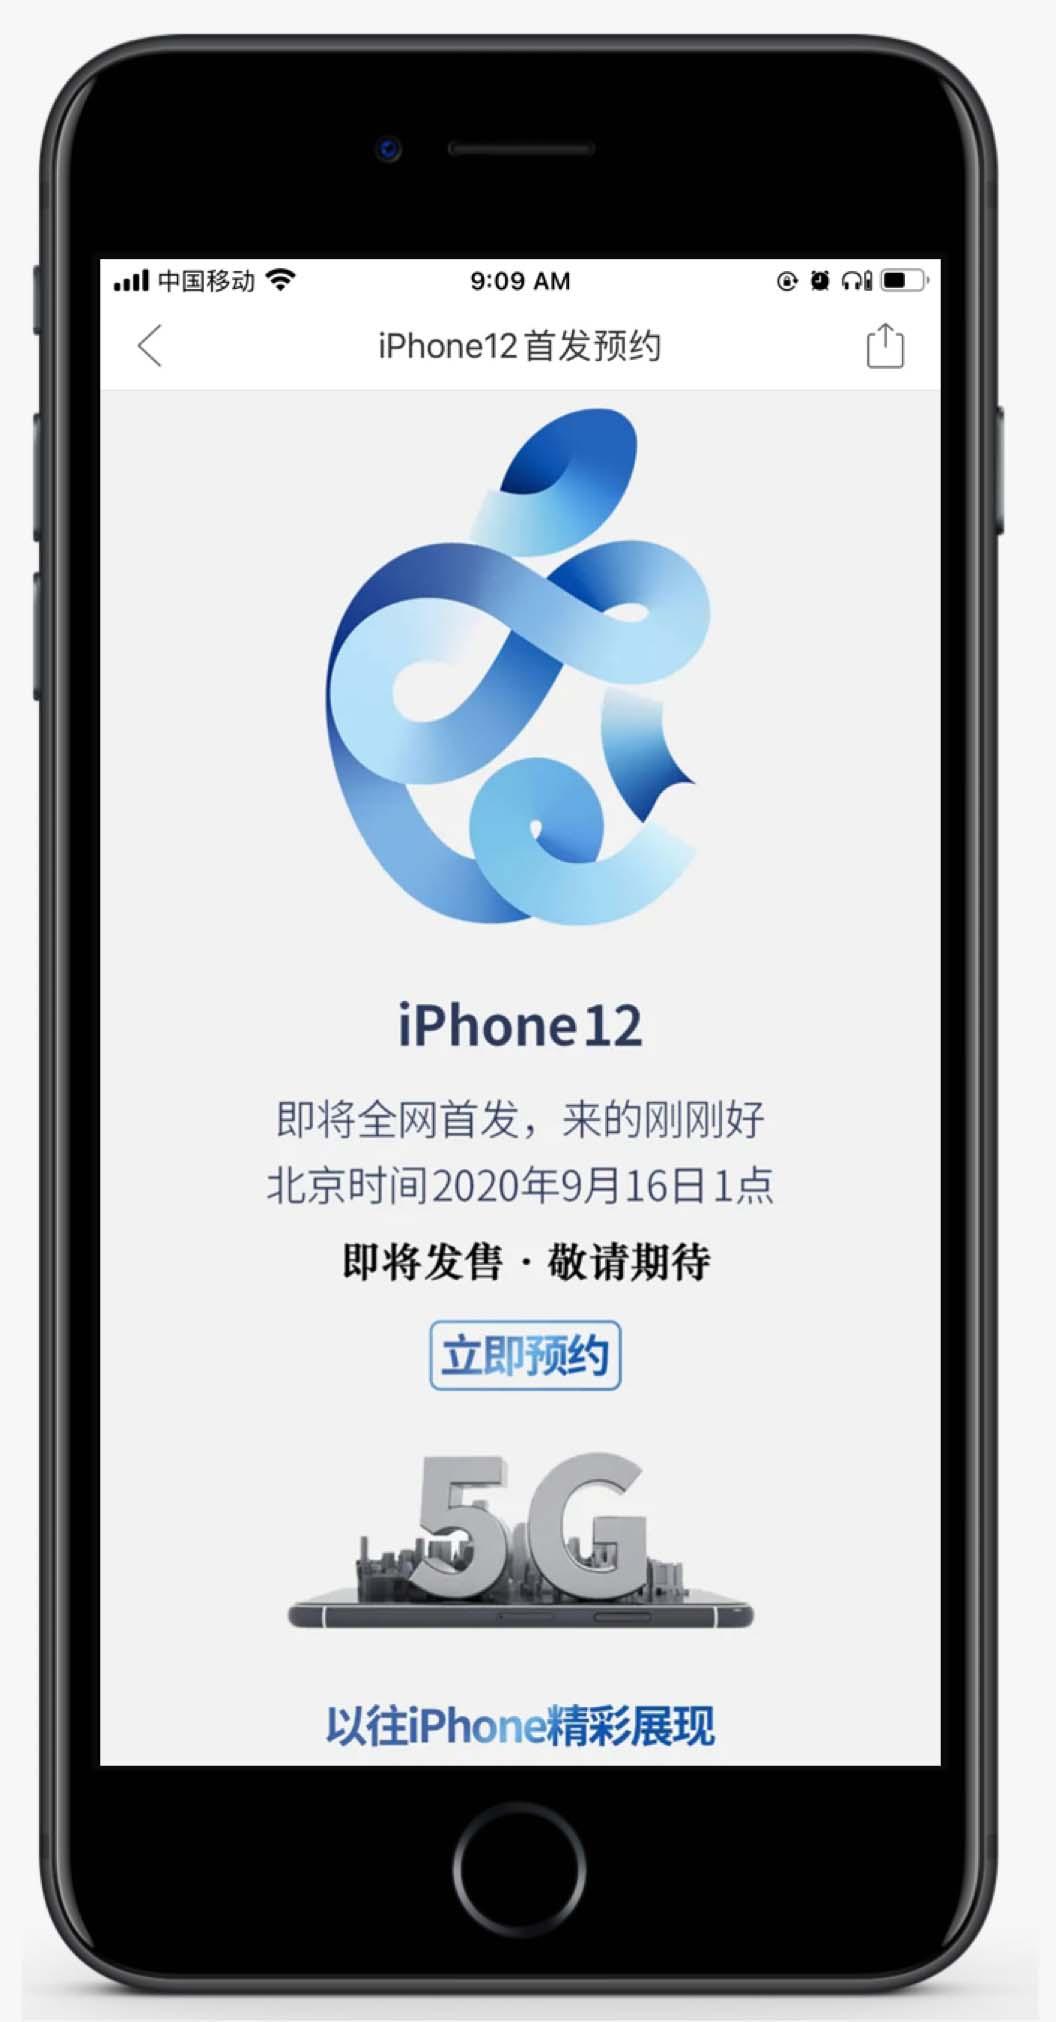 iPhone 12 首发预约页面